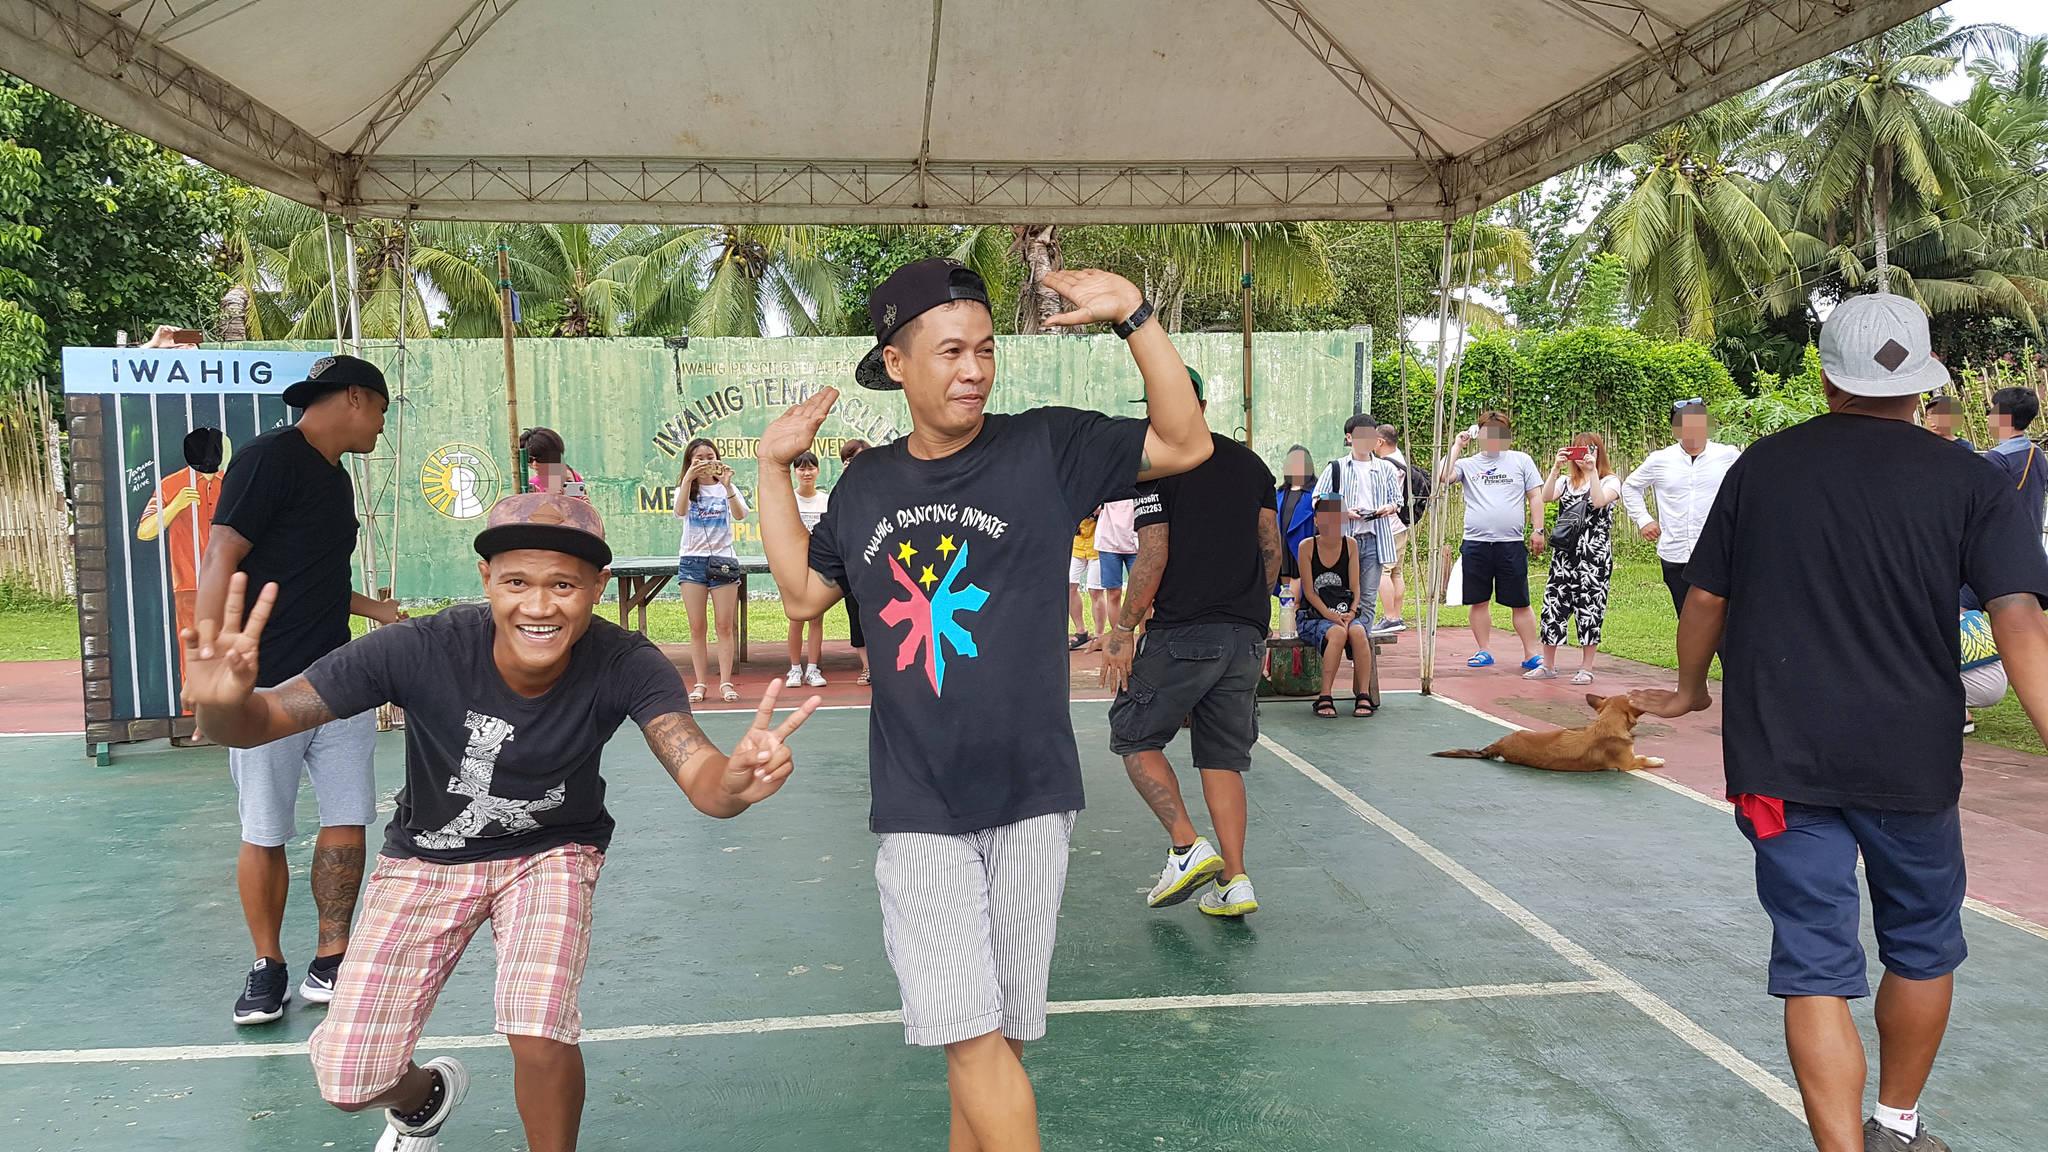 필리핀 팔라완 이와힉 개방 교도소에서 죄수들이 10일 관광객 앞에서 가수 싸이의 '마더파더 젠틀맨'과 모모랜드의 '뿜뿜'에 맞춰 춤을 선보이고 있다. 변선구 기자